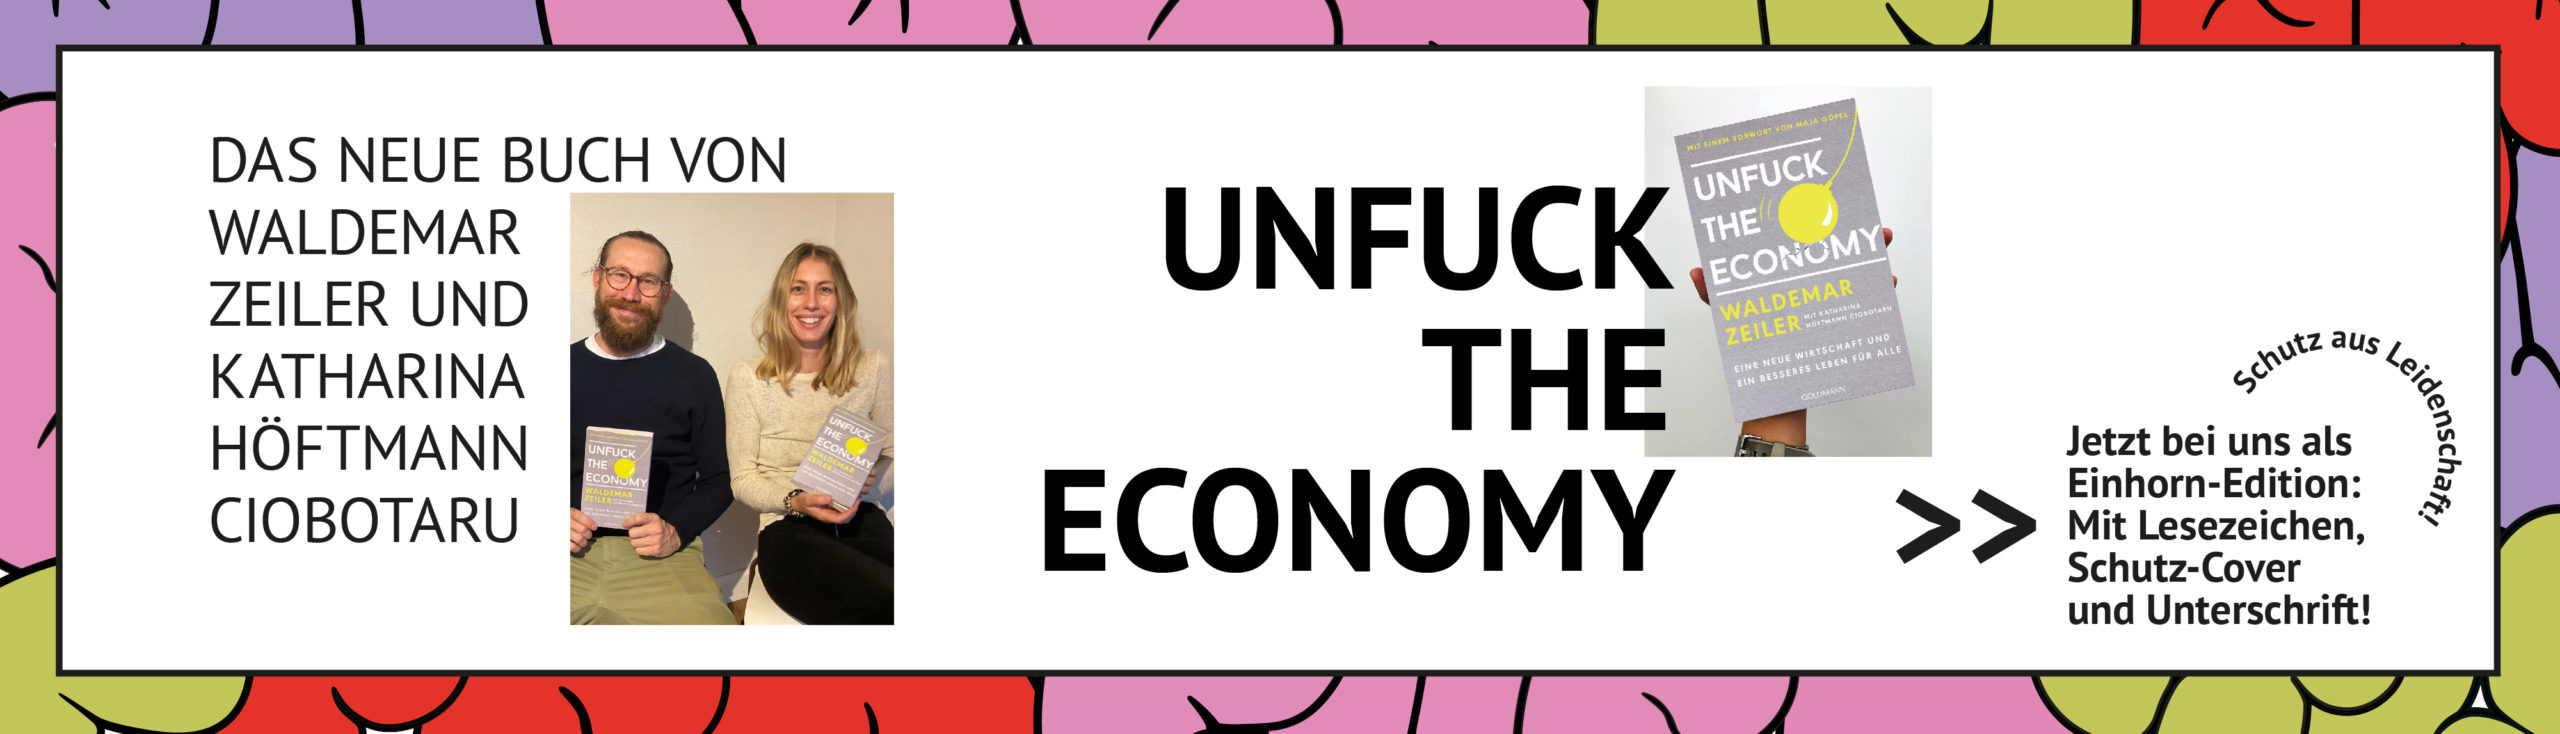 Waldemar Zeiler und Katharina Höftmann Ciobotaru mit ihrem Buch Unfuck the Economy in der Hand